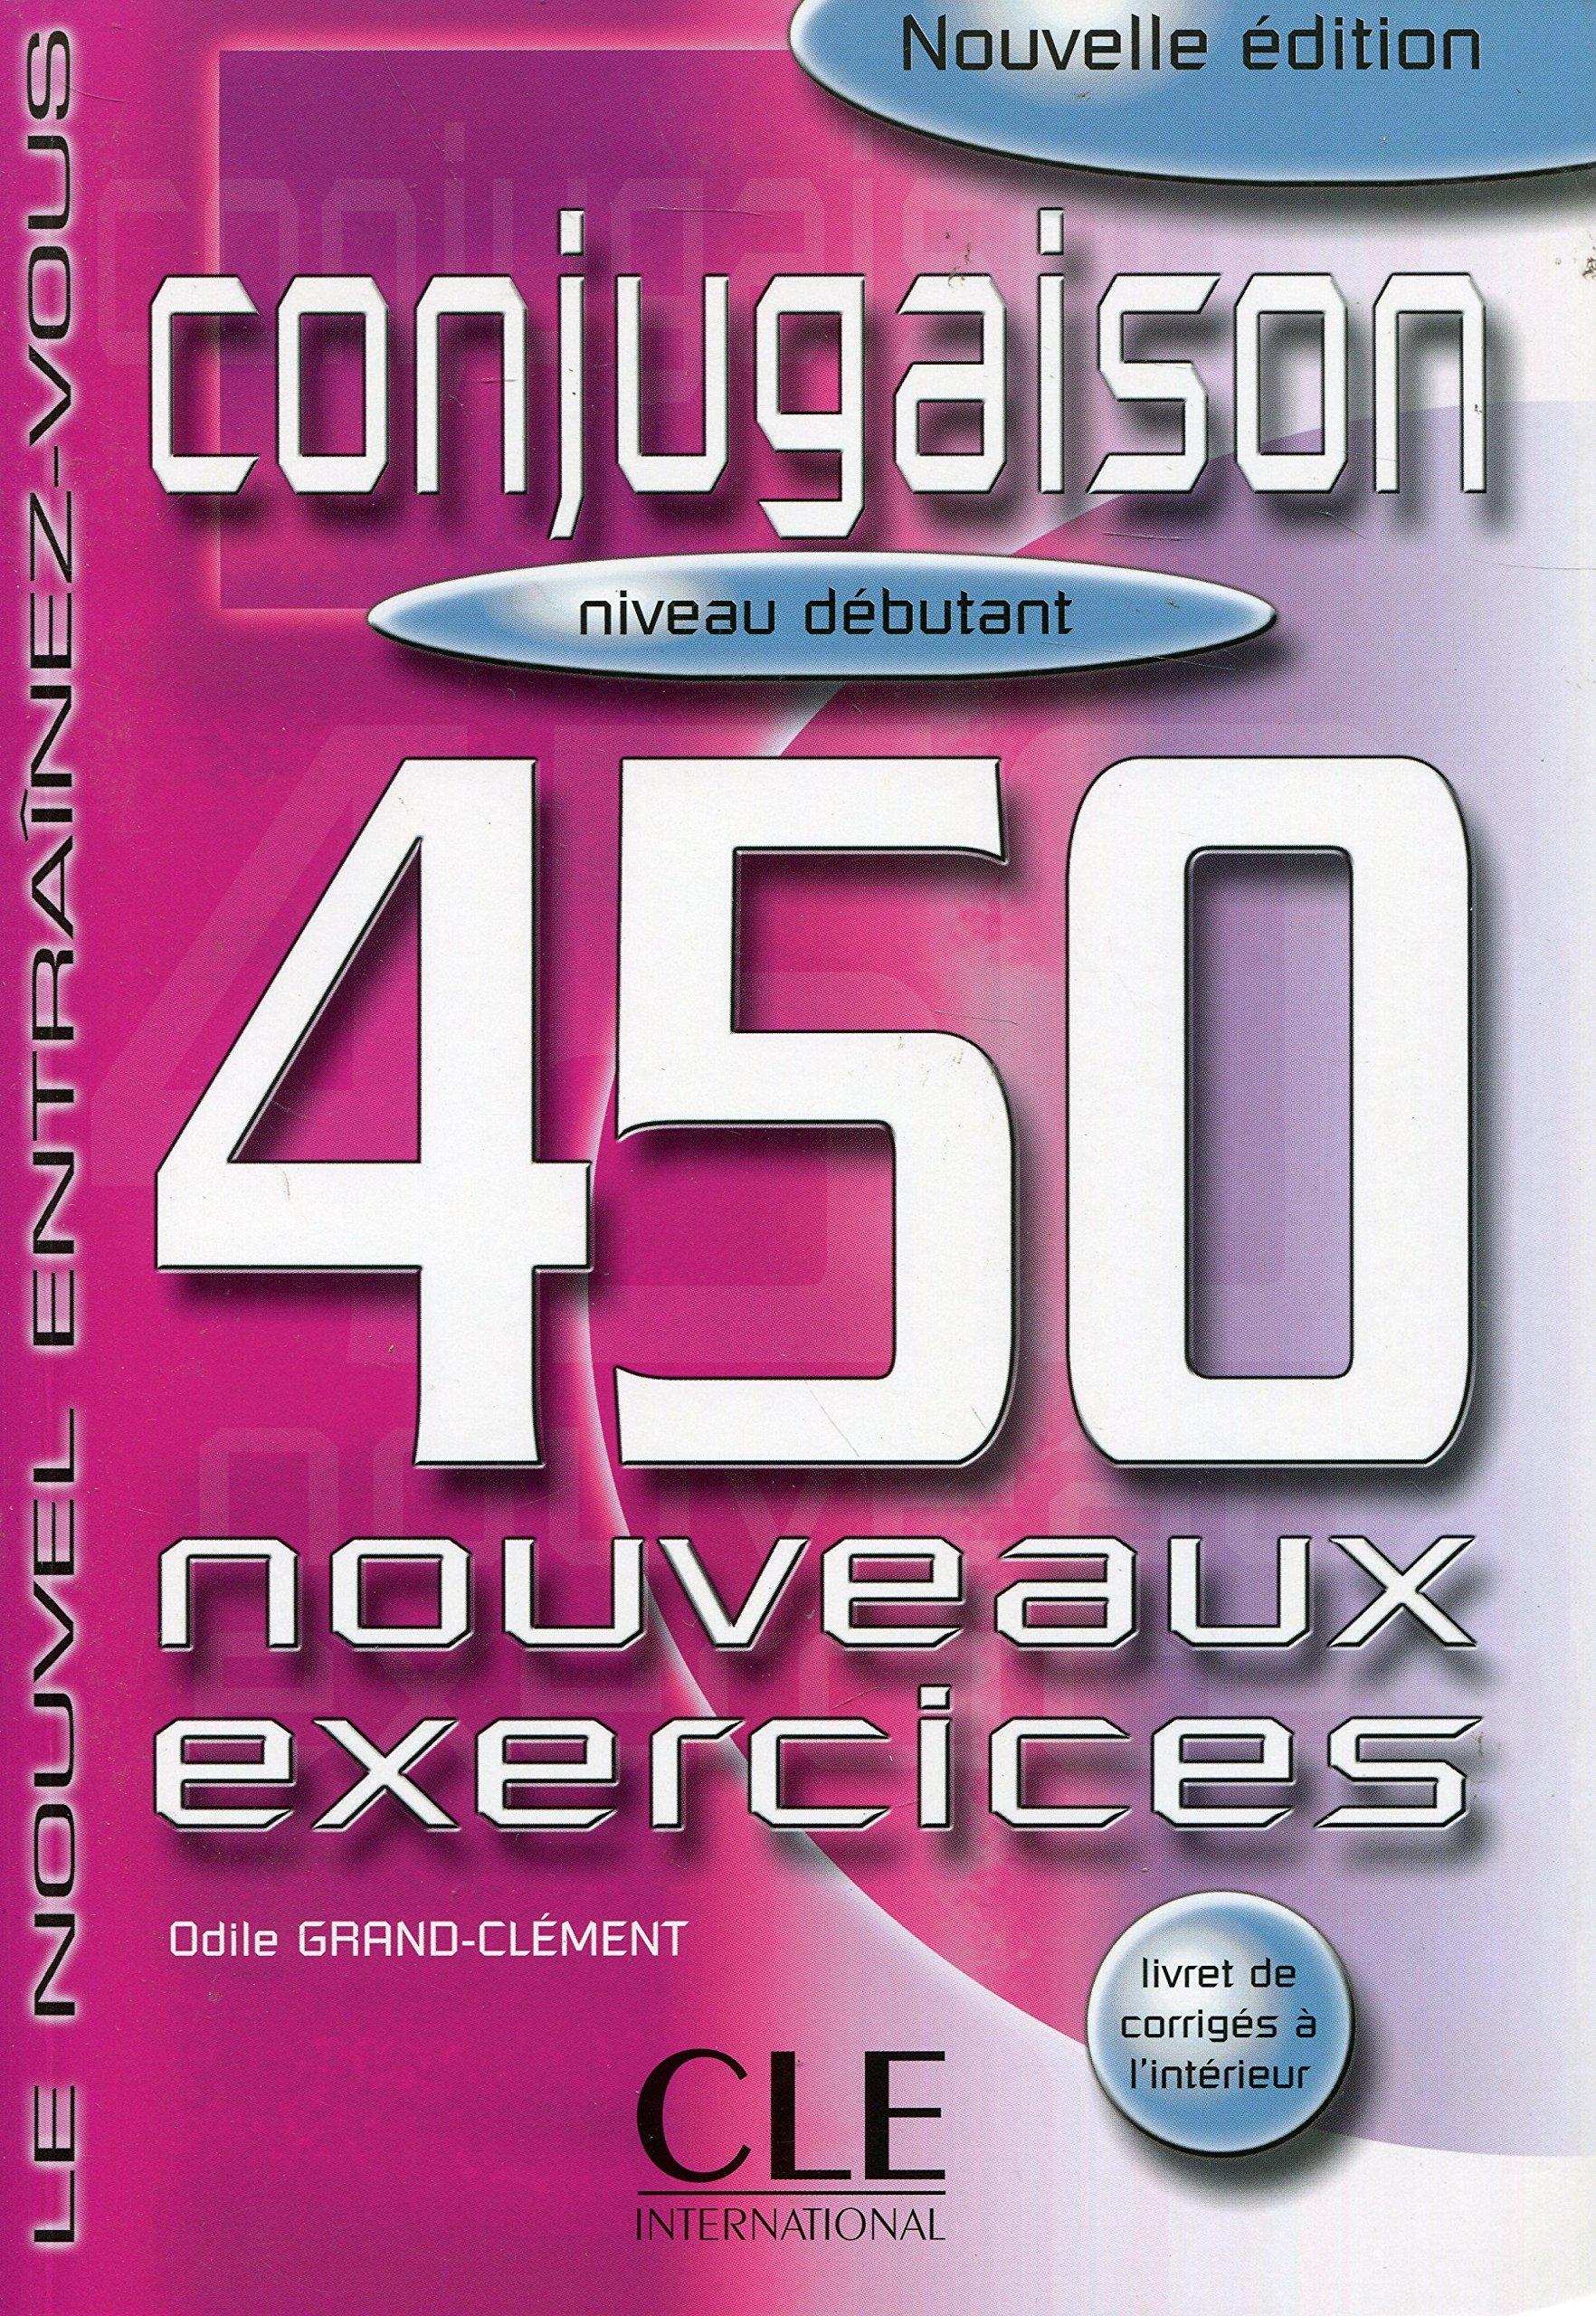 Conjugaison 450 exercices - Niveau débutant - Cahier d'exercices Broché – 7 février 2003 Odile Grand-Clement Clé International 2090335904 Français Langue Etrangère